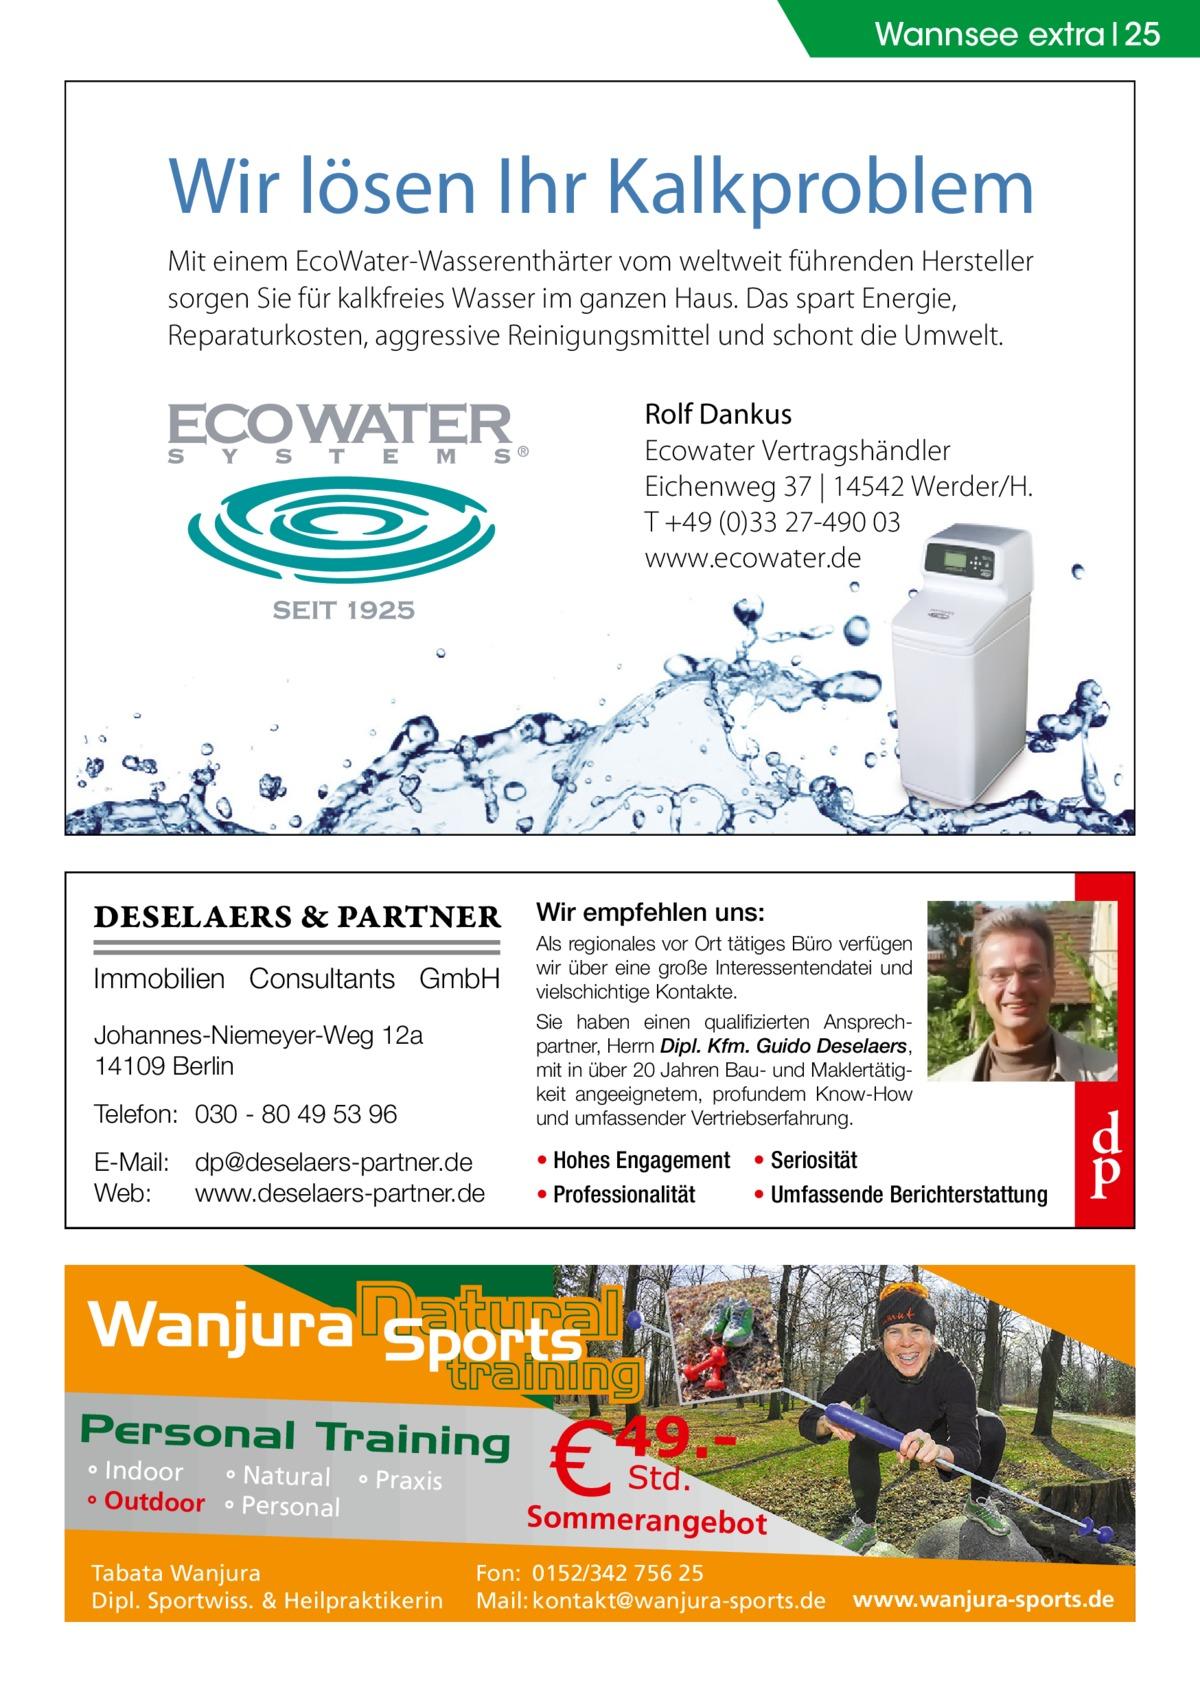 Wannsee extra 25  Wir lösen Ihr Kalkproblem Mit einem EcoWater-Wasserenthärter vom weltweit führenden Hersteller sorgen Sie für kalkfreies Wasser im ganzen Haus. Das spart Energie, Reparaturkosten, aggressive Reinigungsmittel und schont die Umwelt. Rolf Dankus Ecowater Vertragshändler Eichenweg 37 | 14542 Werder/H. T +49 (0)33 27-490 03 www.ecowater.de  DESELAERS & PARTNER  Wir empfehlen uns:  Telefon: 030 - 80 49 53 96  Als regionales vor Ort tätiges Büro verfügen wir über eine große Interessentendatei und vielschichtige Kontakte. Sie haben einen qualifizierten Ansprechpartner, Herrn Dipl. Kfm. Guido Deselaers, mit in über 20 Jahren Bau- und Maklertätigkeit angeeignetem, profundem Know-How und umfassender Vertriebserfahrung.  E-Mail: dp@deselaers-partner.de Web: www.deselaers-partner.de  • Hohes Engagement • Seriosität • Professionalität • Umfassende Berichterstattung  Immobilien Consultants GmbH Johannes-Niemeyer-Weg 12a 14109 Berlin  ° Indoor ° Natural ° Praxis ° Outdoor ° Personal Tabata Wanjura Dipl. Sportwiss. & Heilpraktikerin  d p  Sommerangebot Fon: 0152/342 756 25 Mail: kontakt@wanjura-sports.de  www.wanjura-sports.de